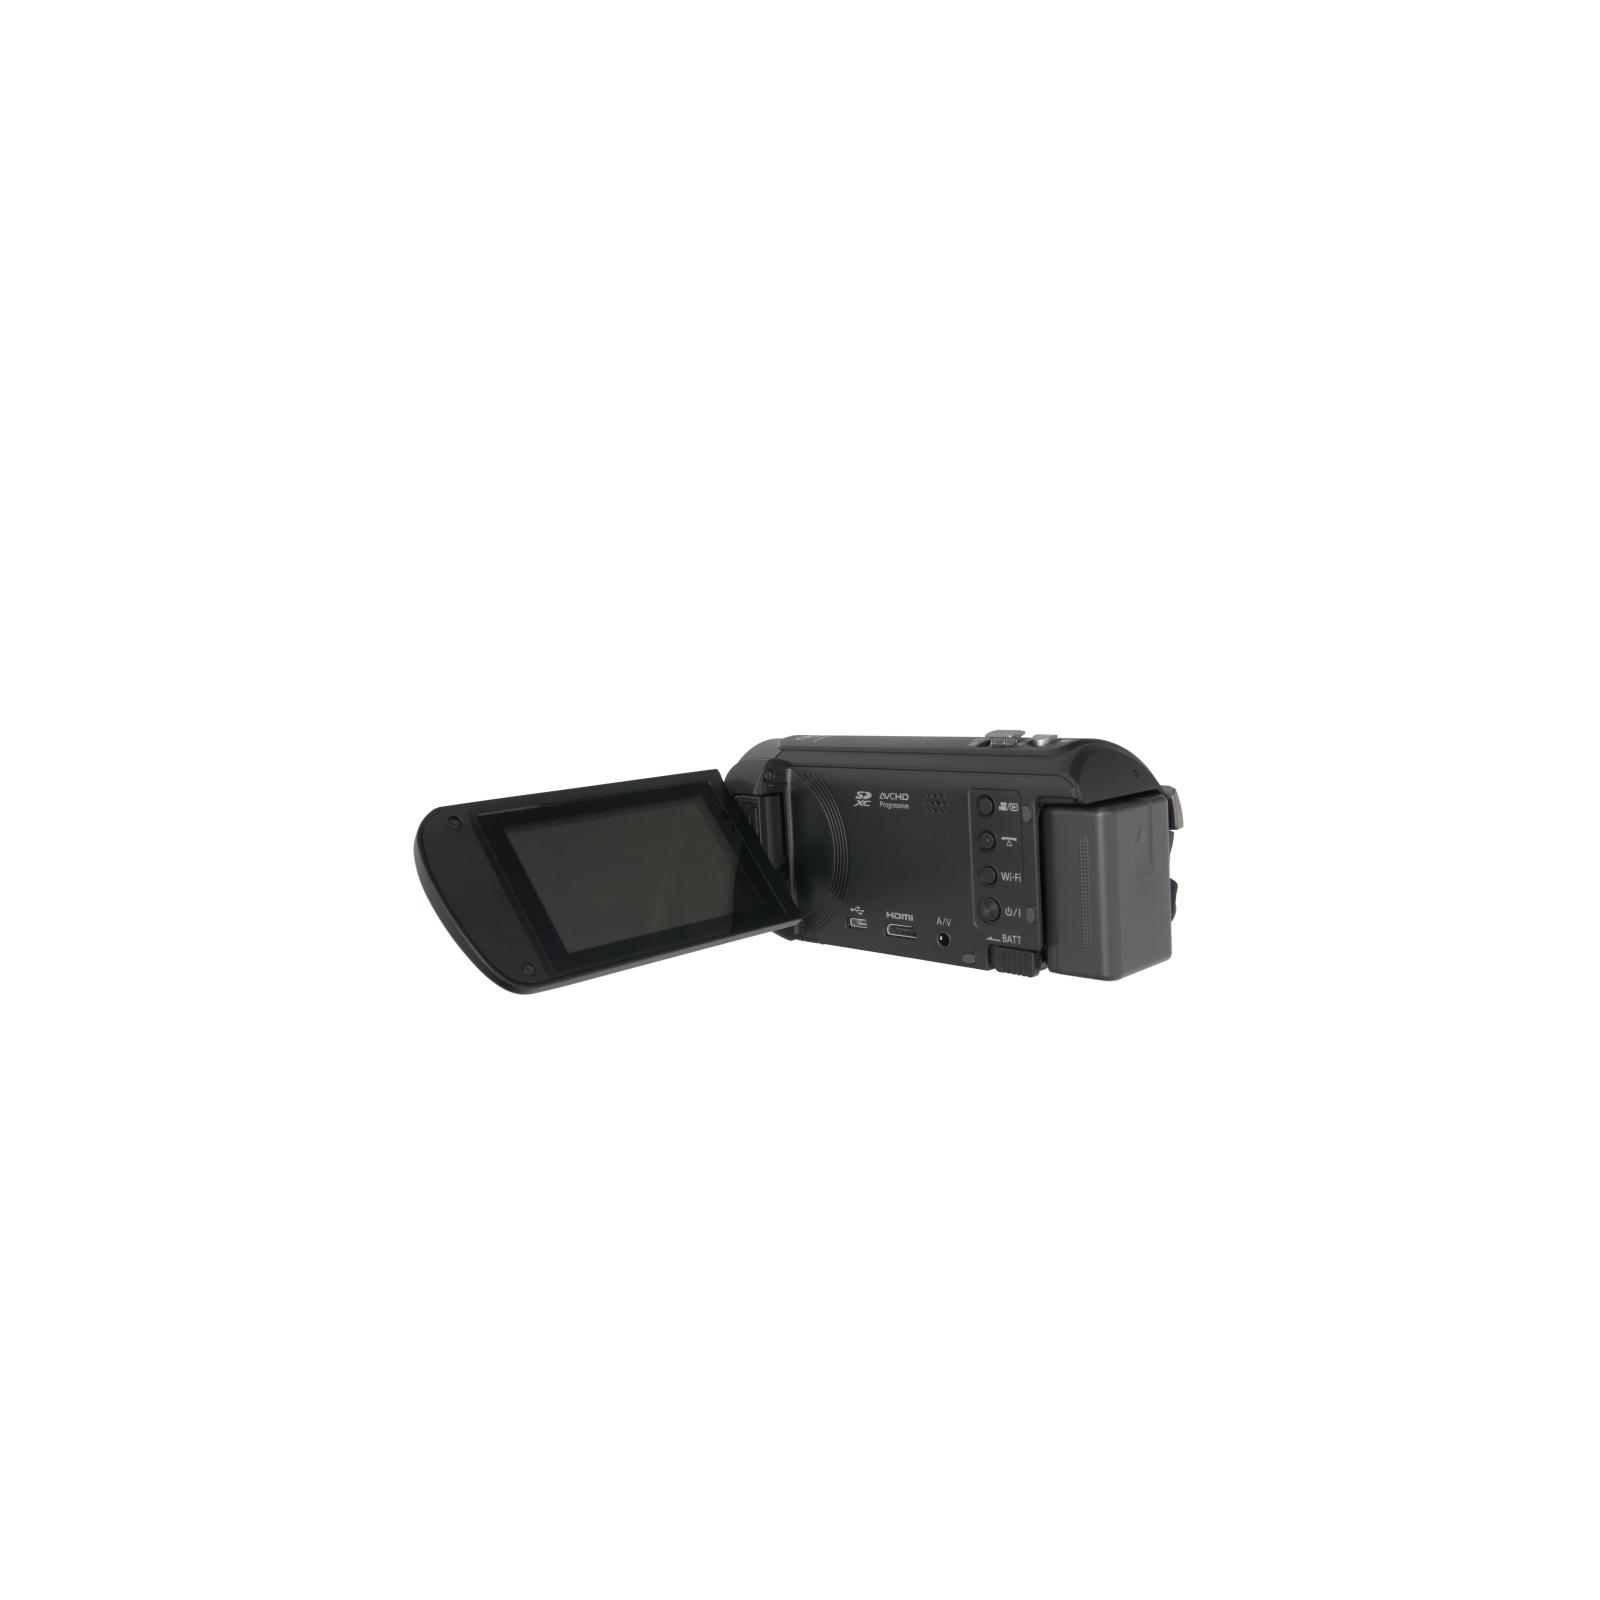 Цифровая видеокамера PANASONIC HC-V380EE-K изображение 4